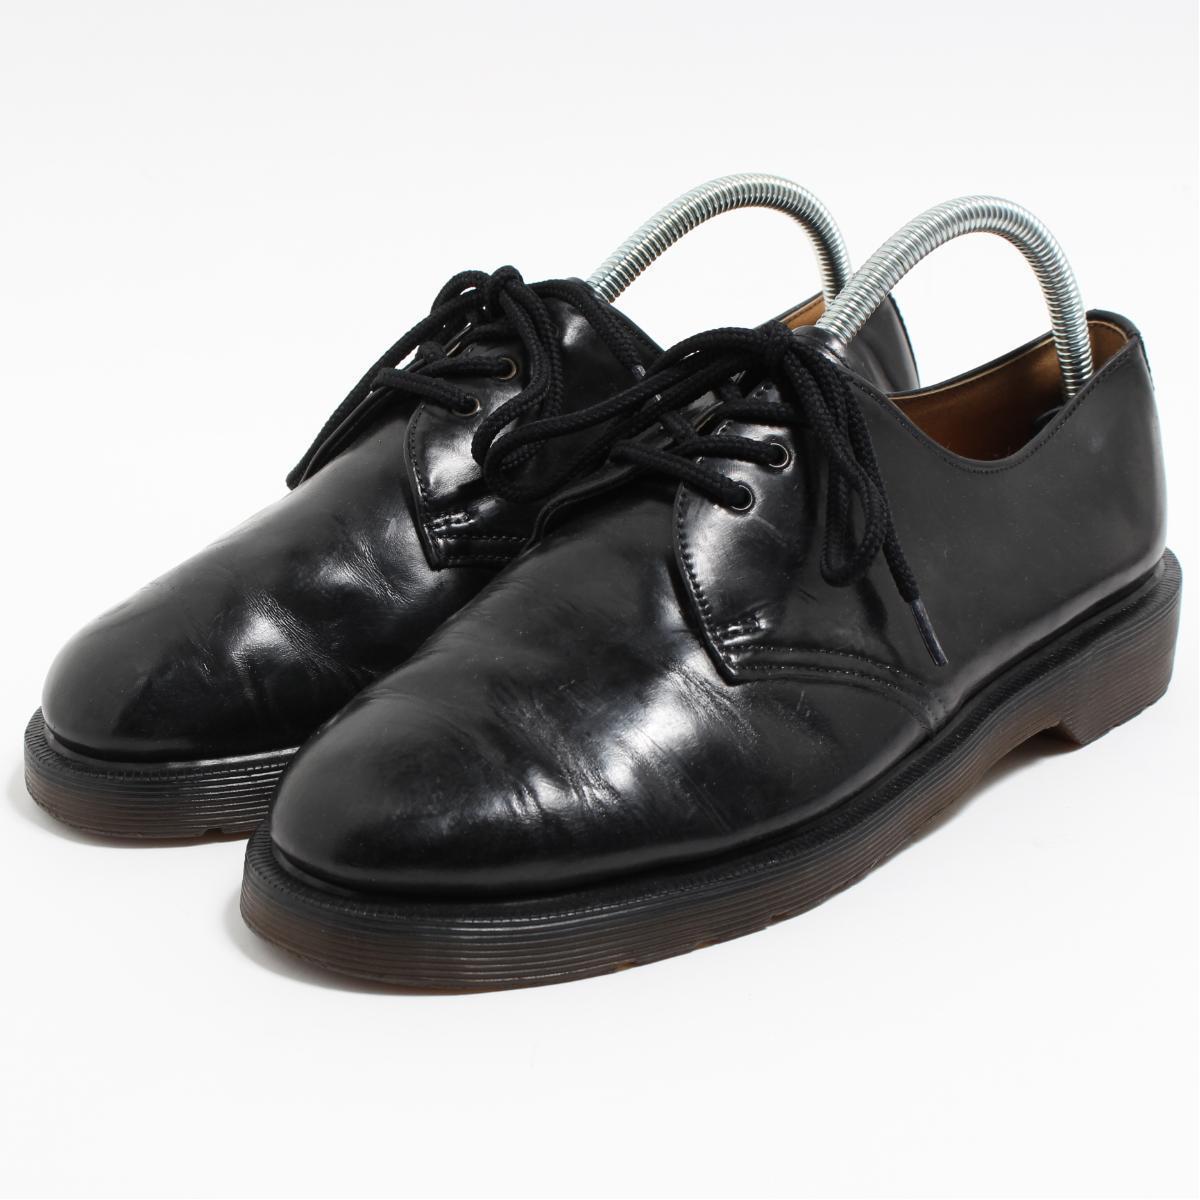 ドクターマーチン Dr.Martens 3ホールシューズ 英国製 UK8.5 メンズ27.0cm /boo6622 【中古】 【190319】